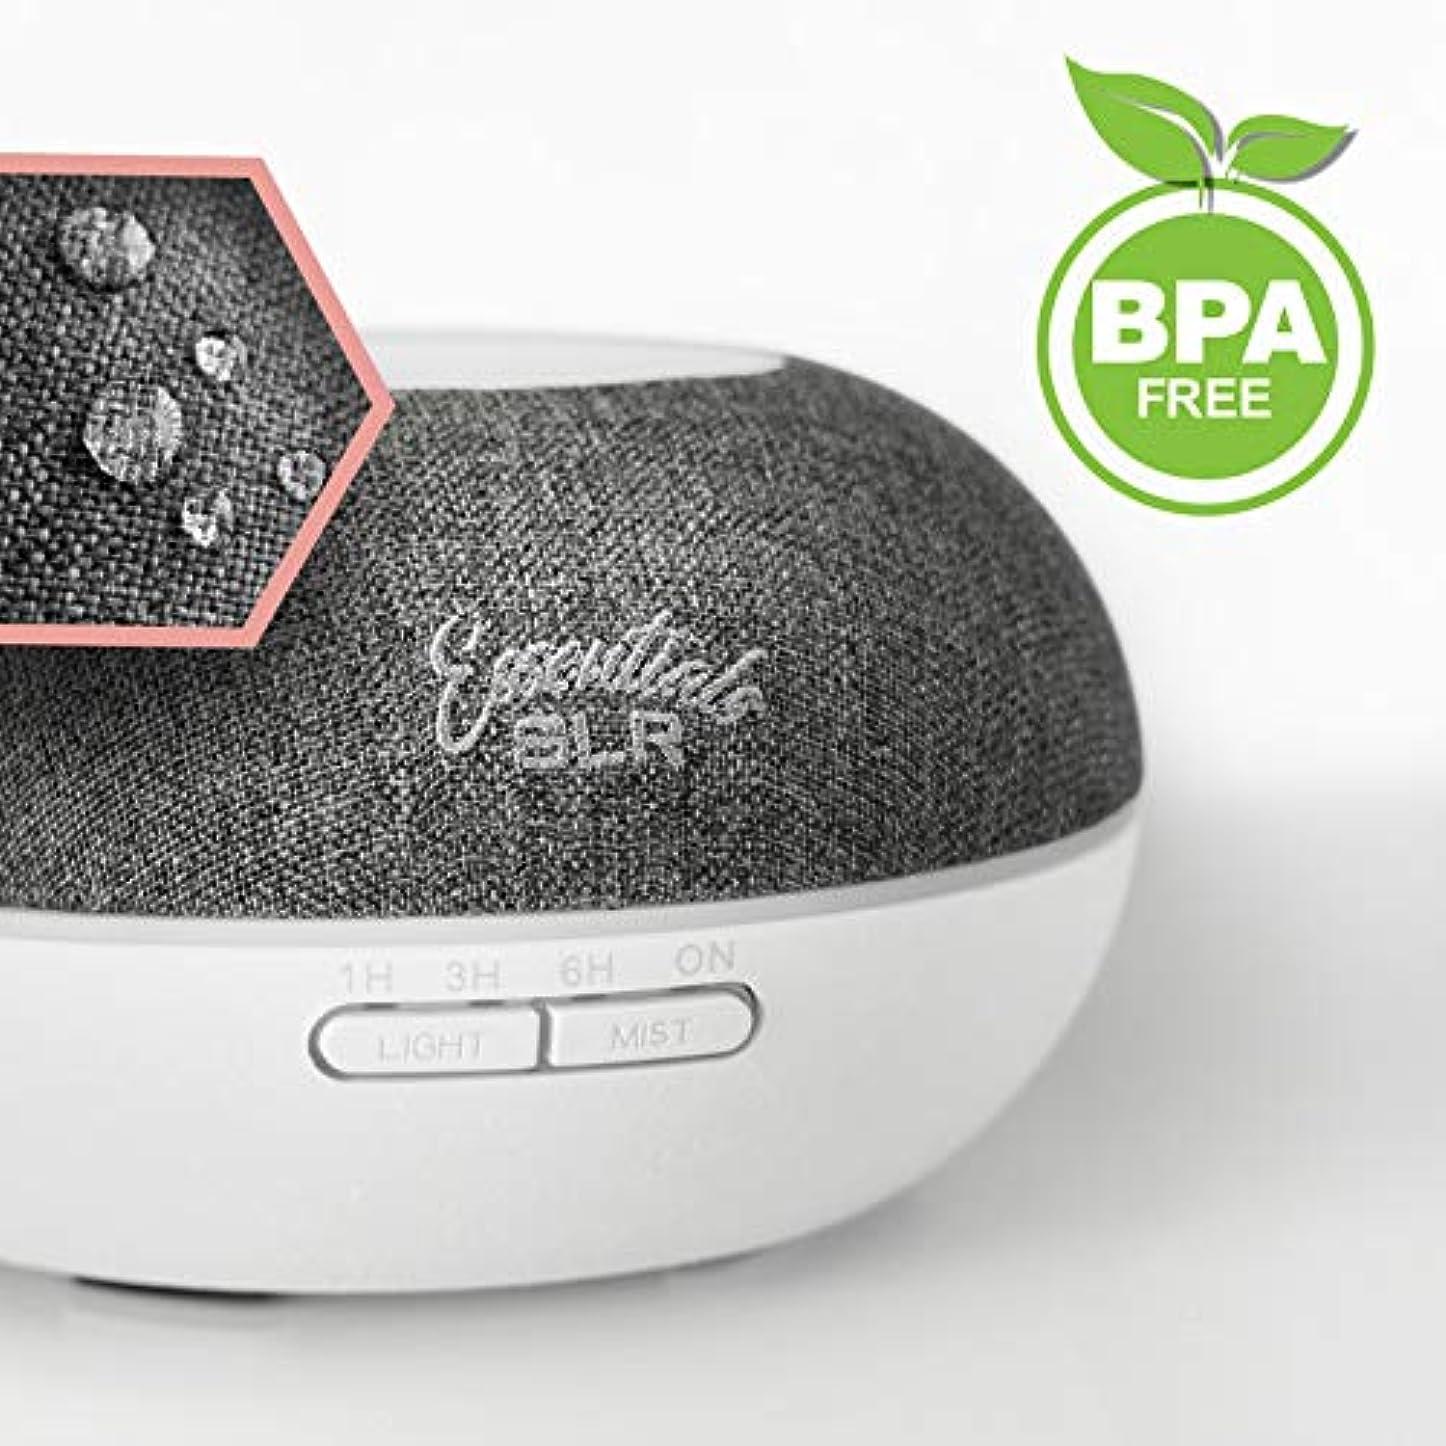 故障退院軍隊SLR 500 ml Aromatherapy Essential Oil Large Diffuser BPAフリー超音波空気加湿器withマルチカラー変更LED、自動遮断 500ml SLR:900-00055